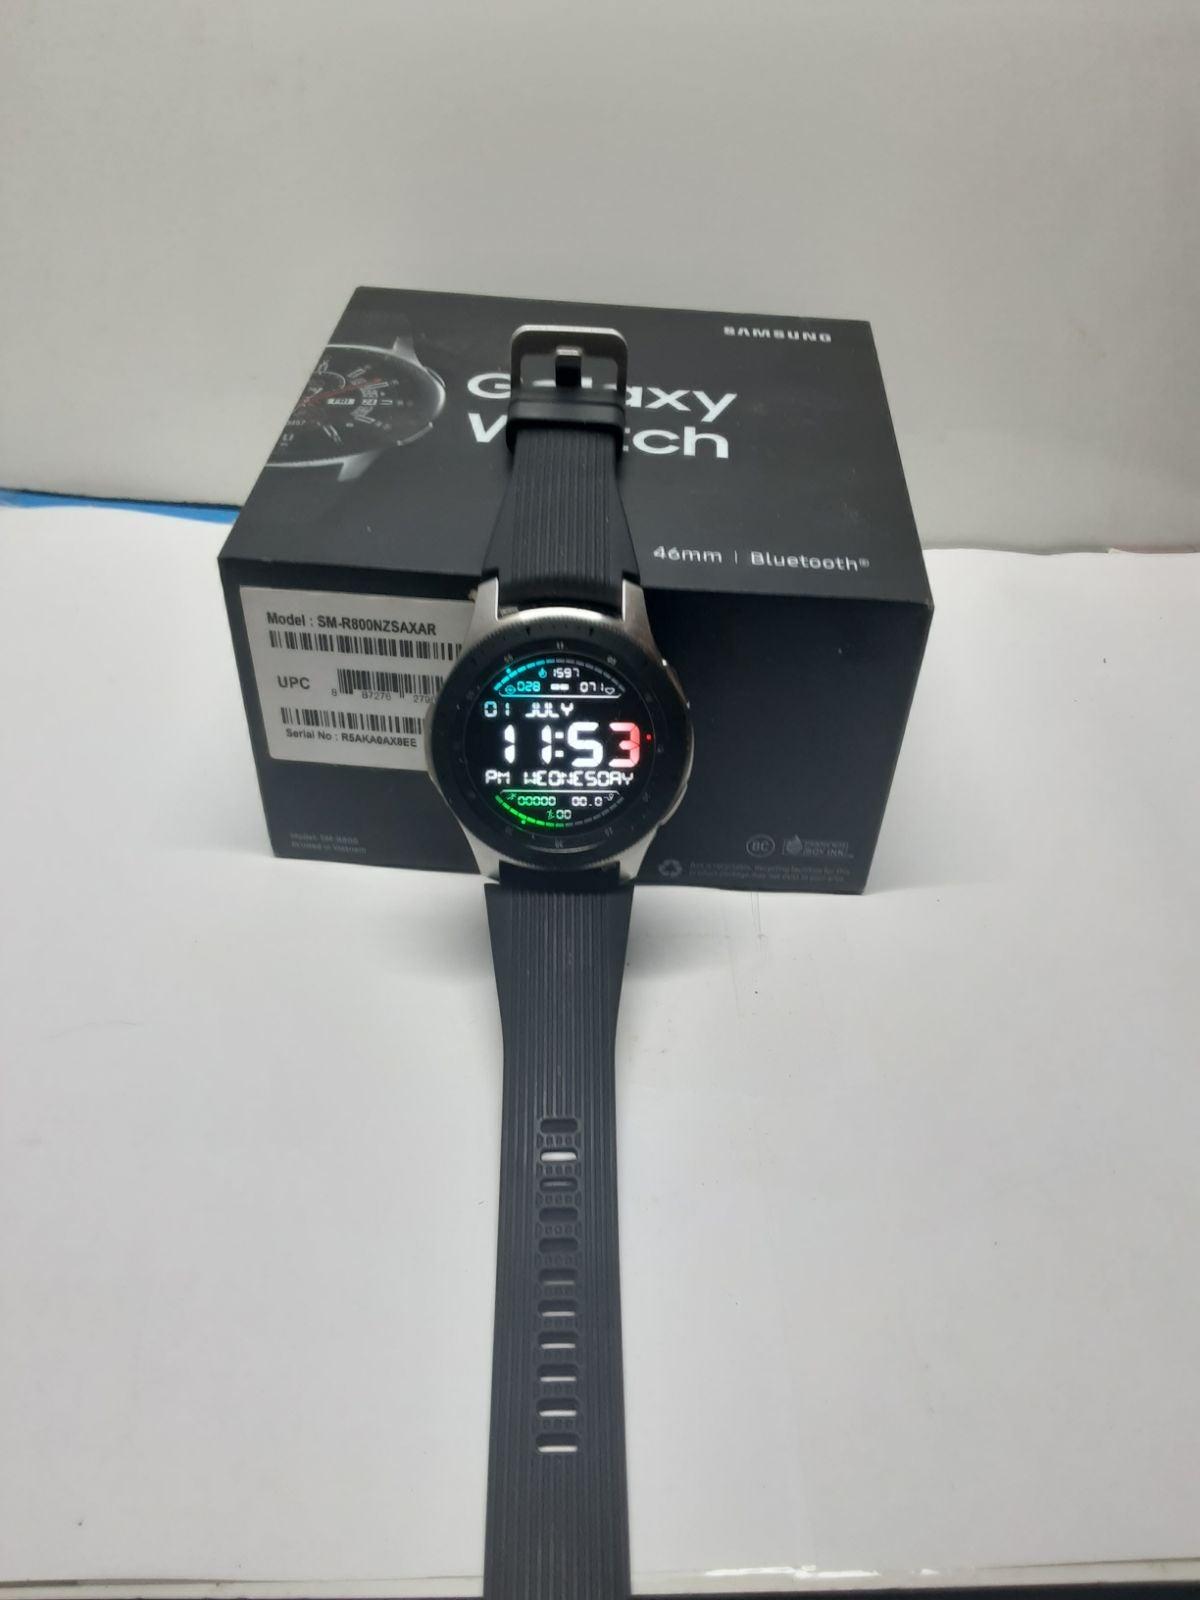 Samsung galaxy watch 46mm bluetooth